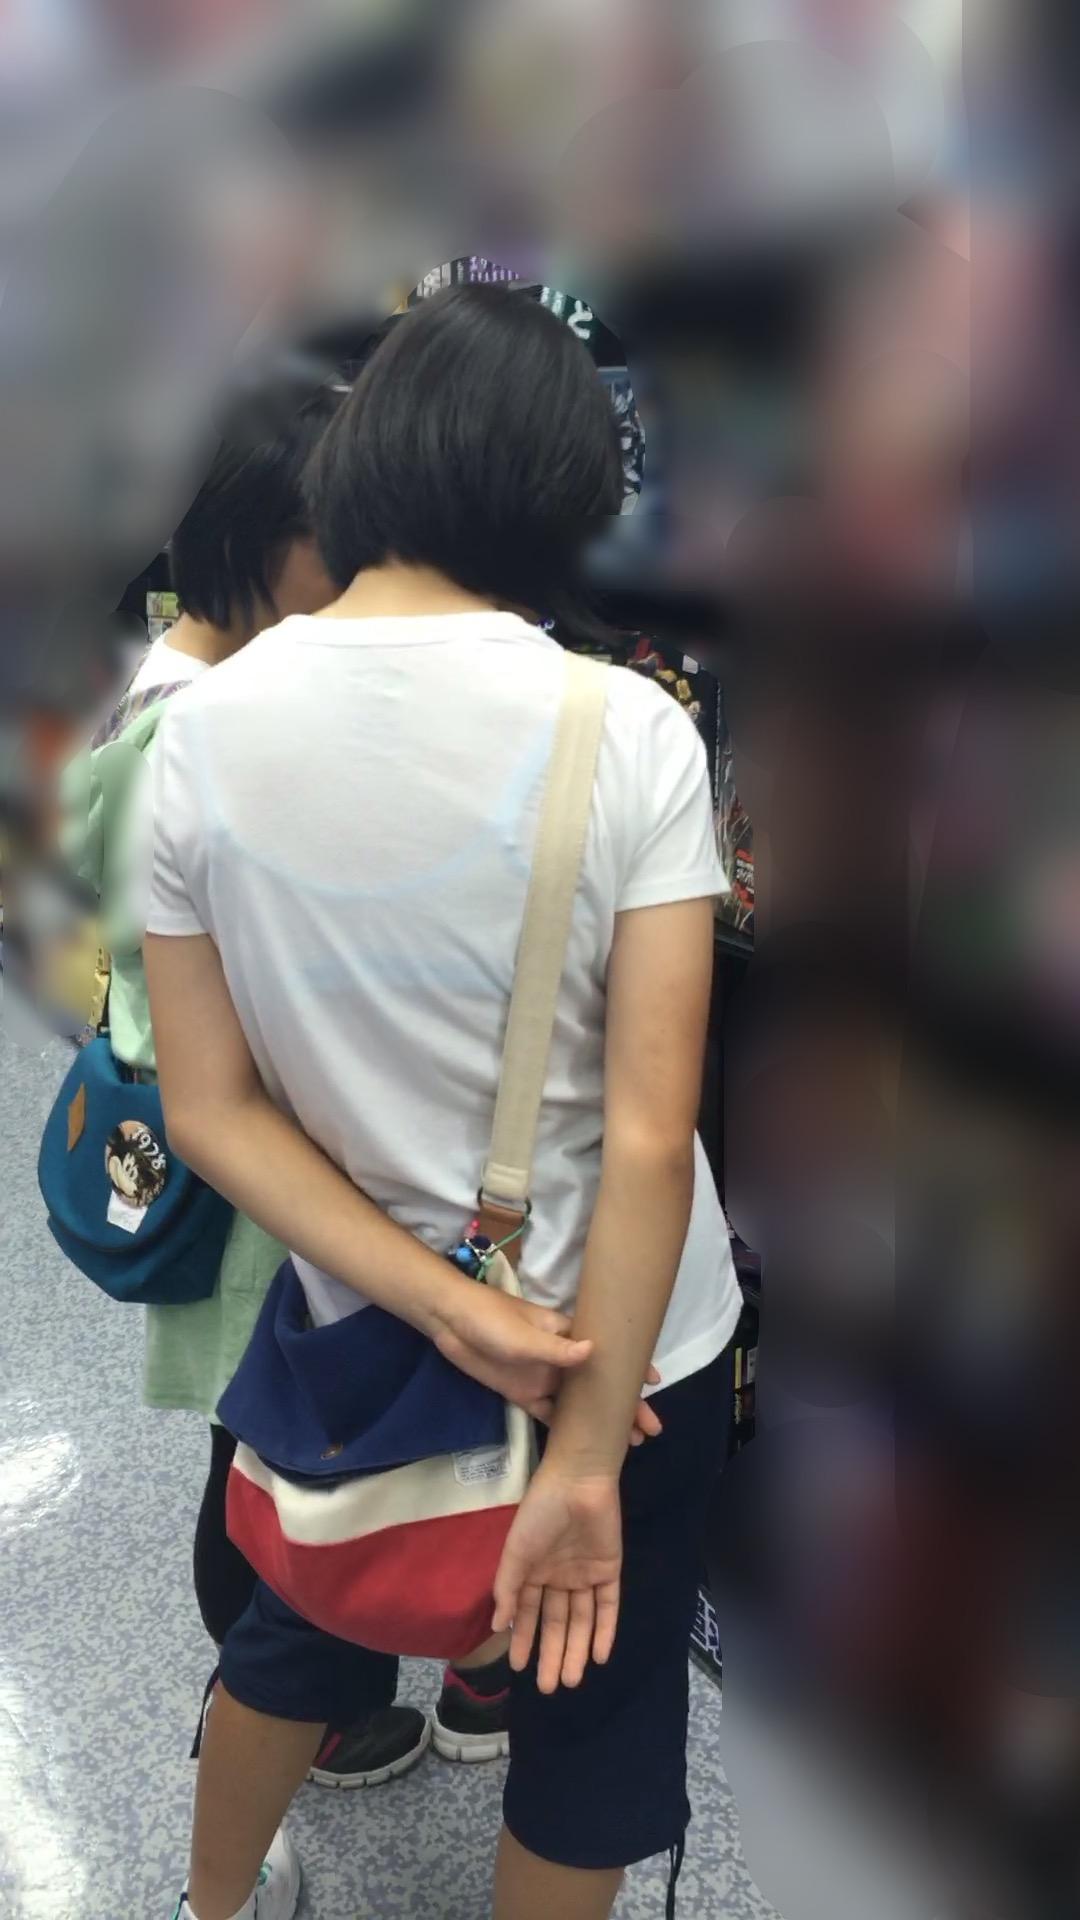 【透けブラエロ画像】薄い衣服で下着が透け透け!!ゾクゾクするほど興奮してしまう一般女性の透けブラ画像 その3